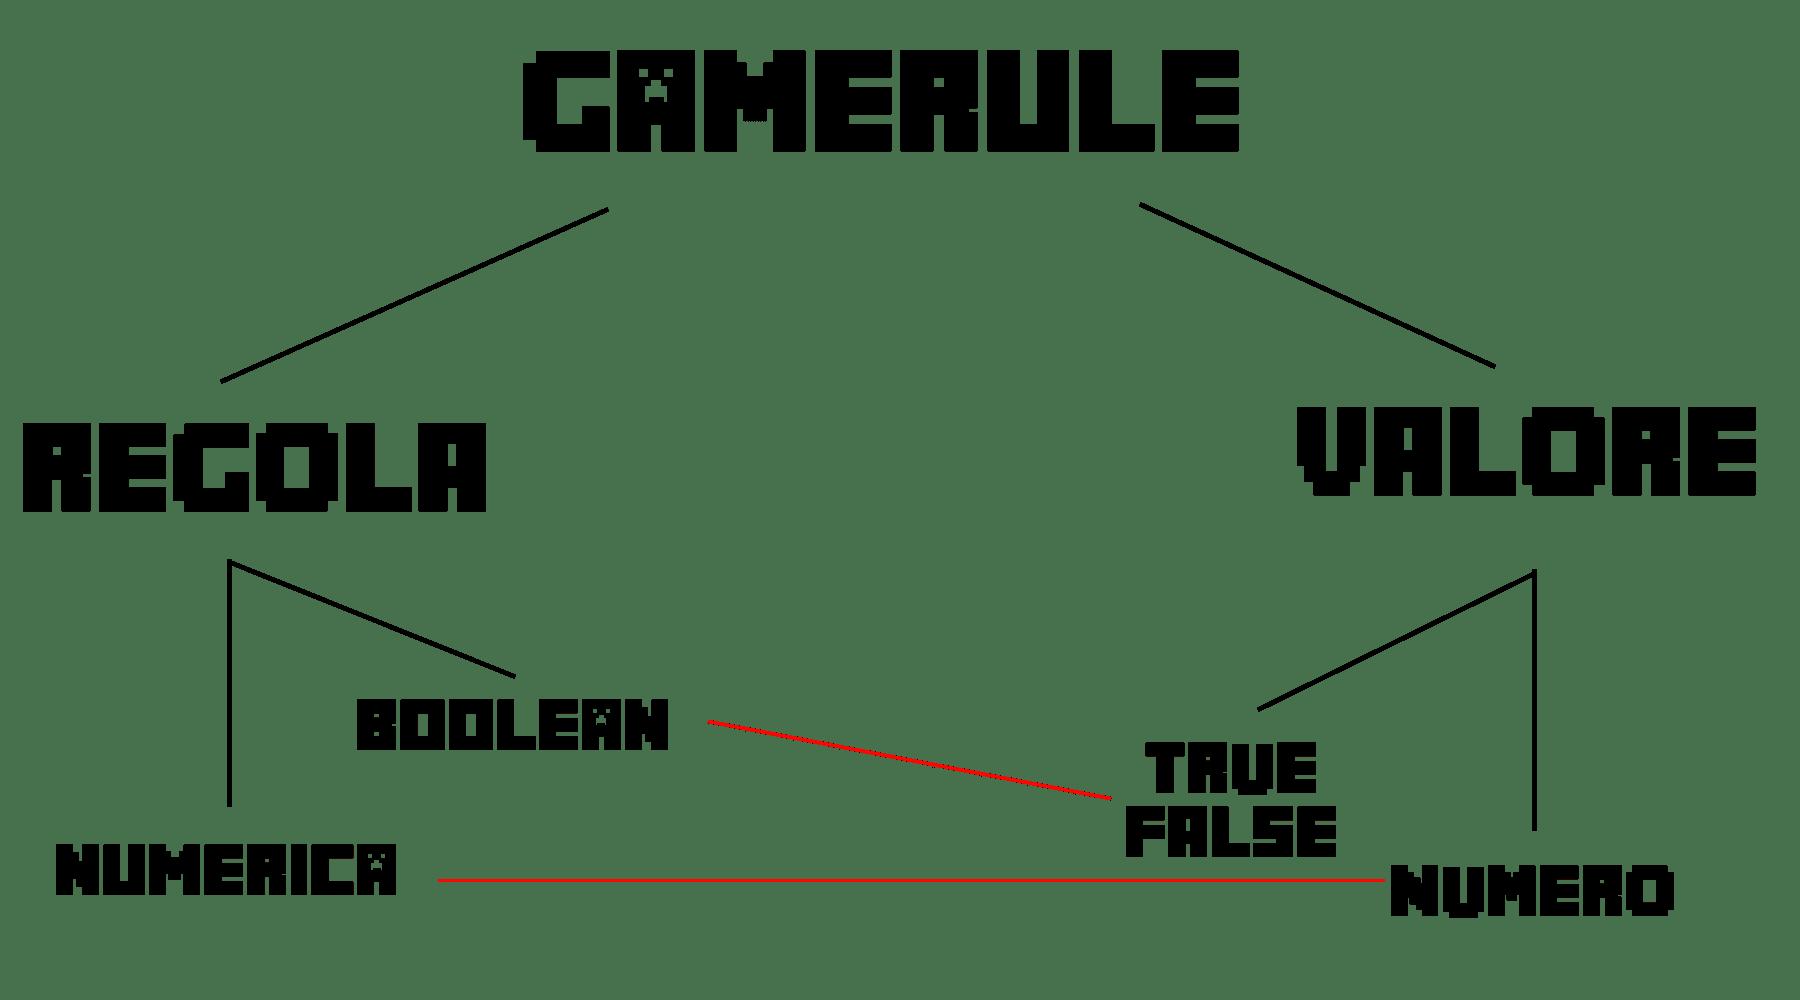 Piccolo schema del funzionamento delle regole del Gamerule. In questo caso, la regola è BOOLEAN, ovvero ON/OFF. Ciò si traduce nel fatto che dobbiamo trovare la regola del fuoco e disattivarla con FALSE per disattivare il fuoco a sua volta in Minecraft!